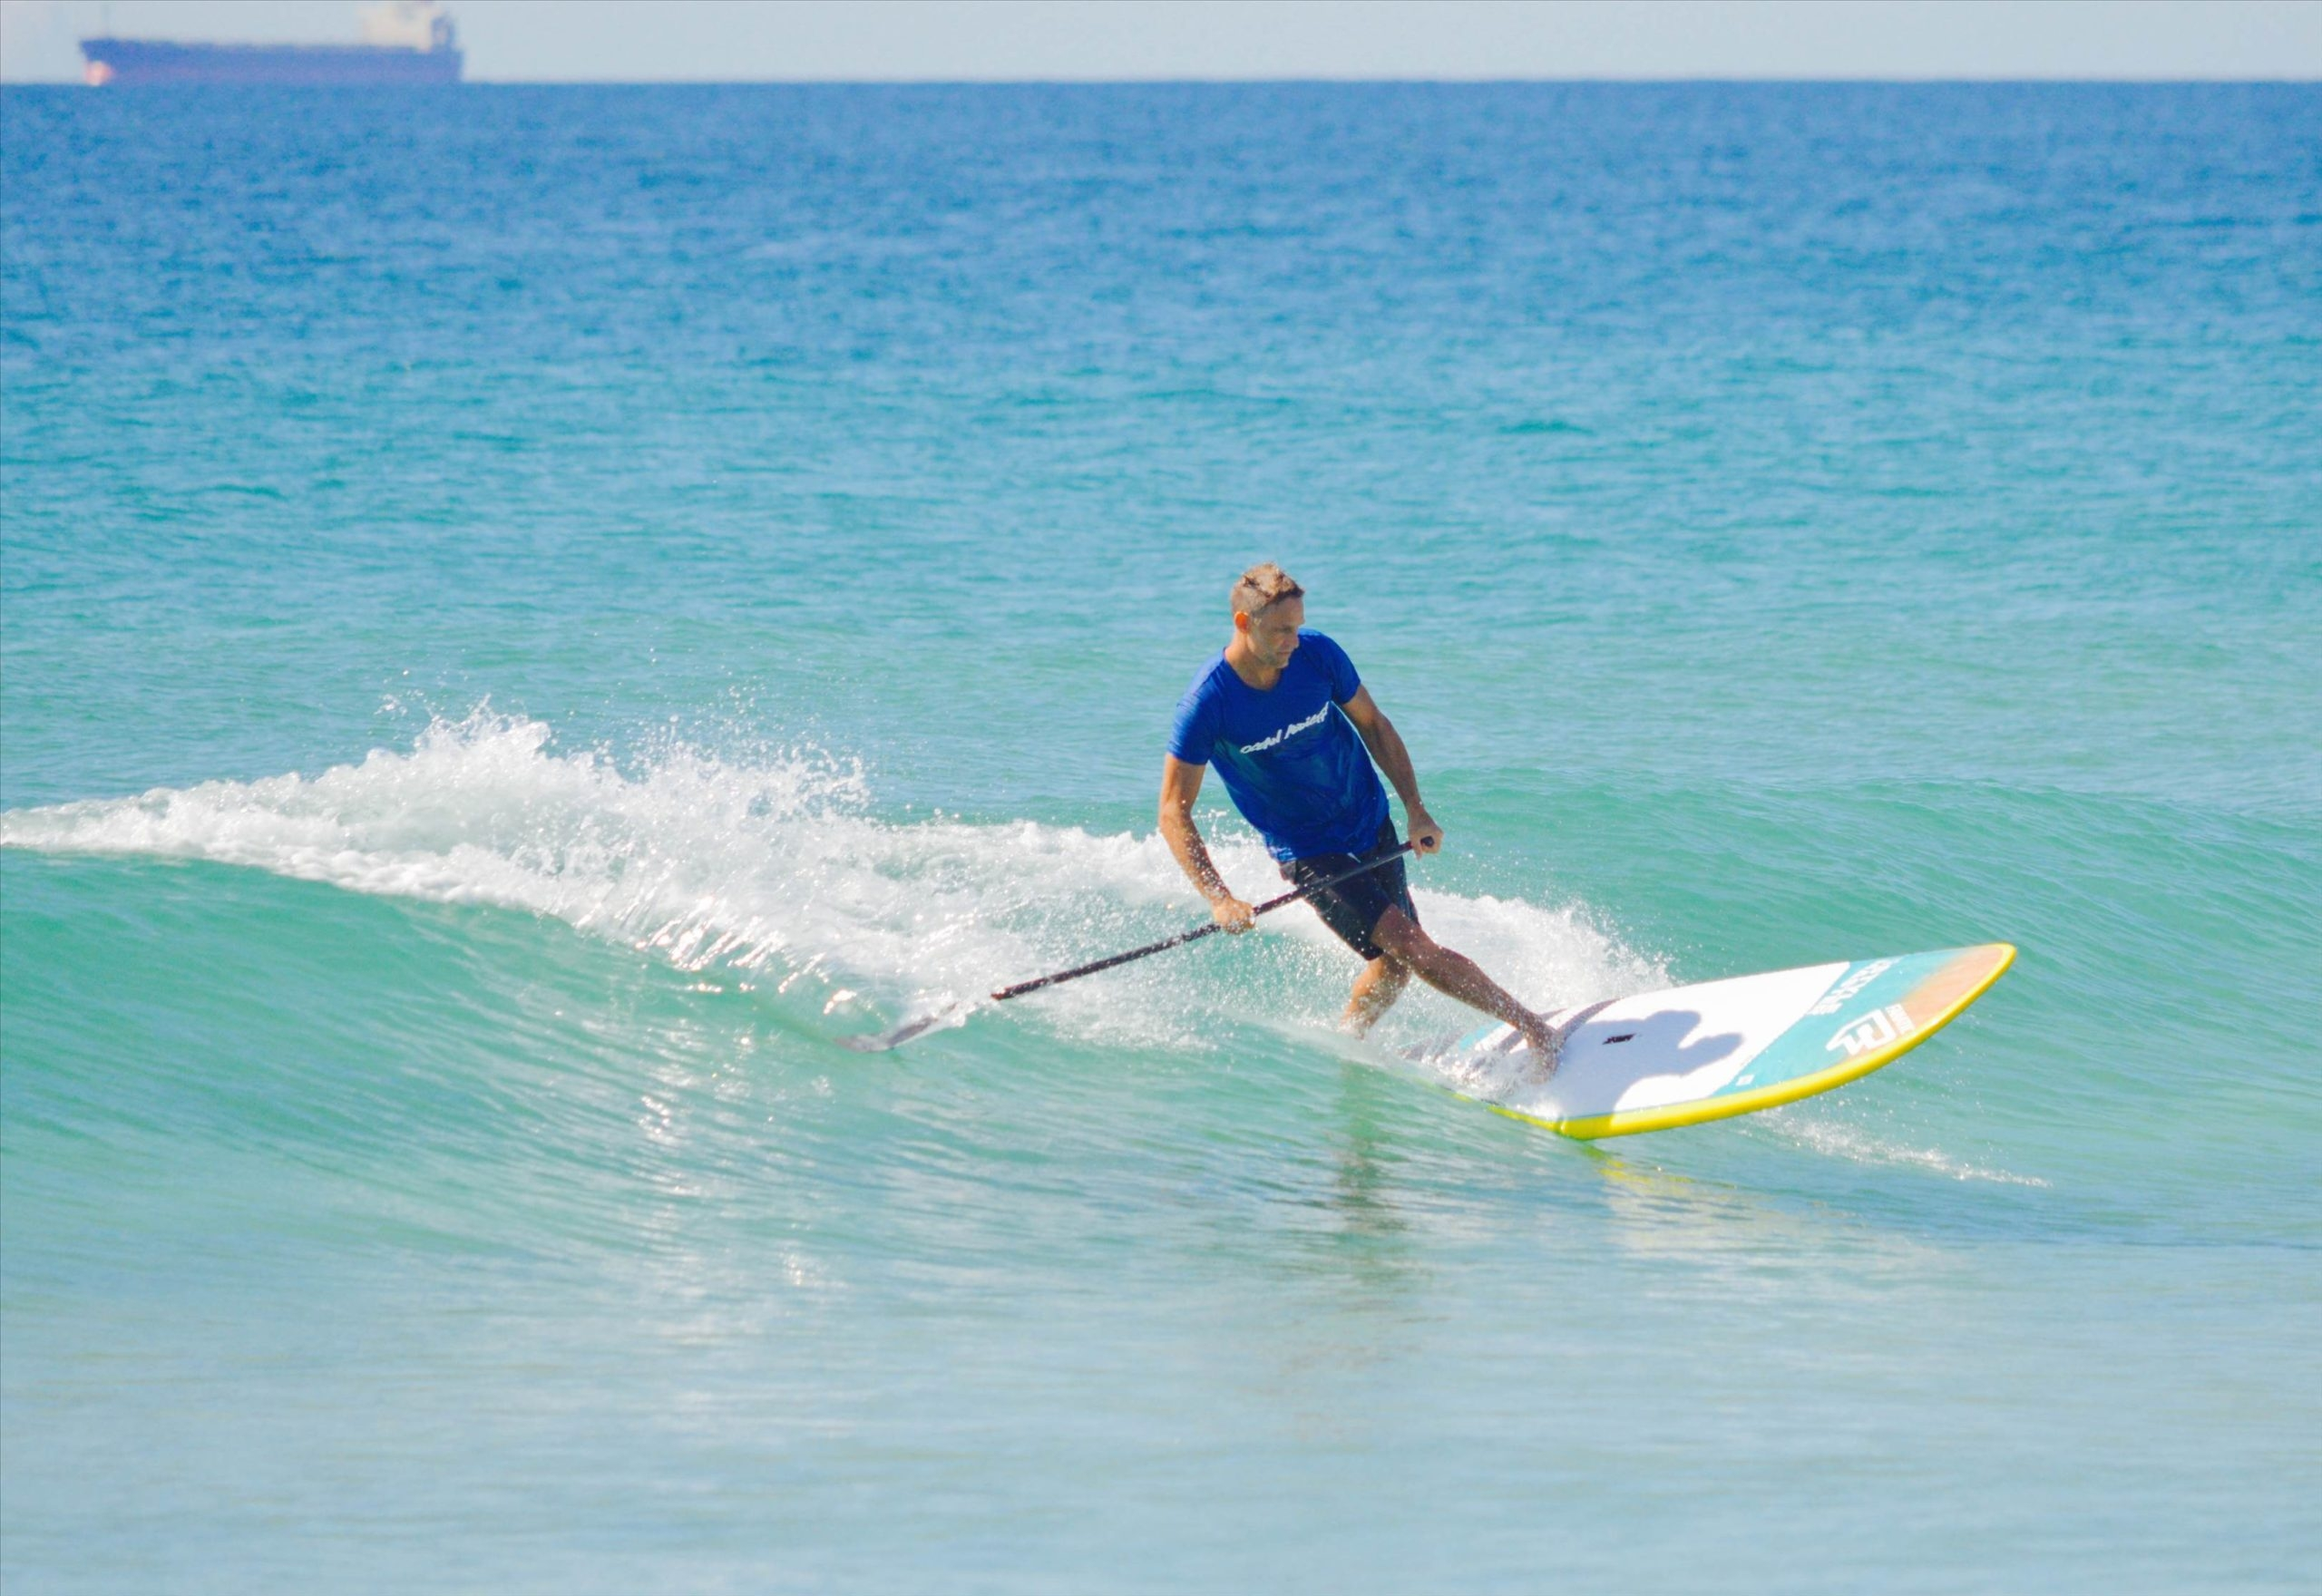 САП сёрфинг как прогулка. Что нужно учесть?